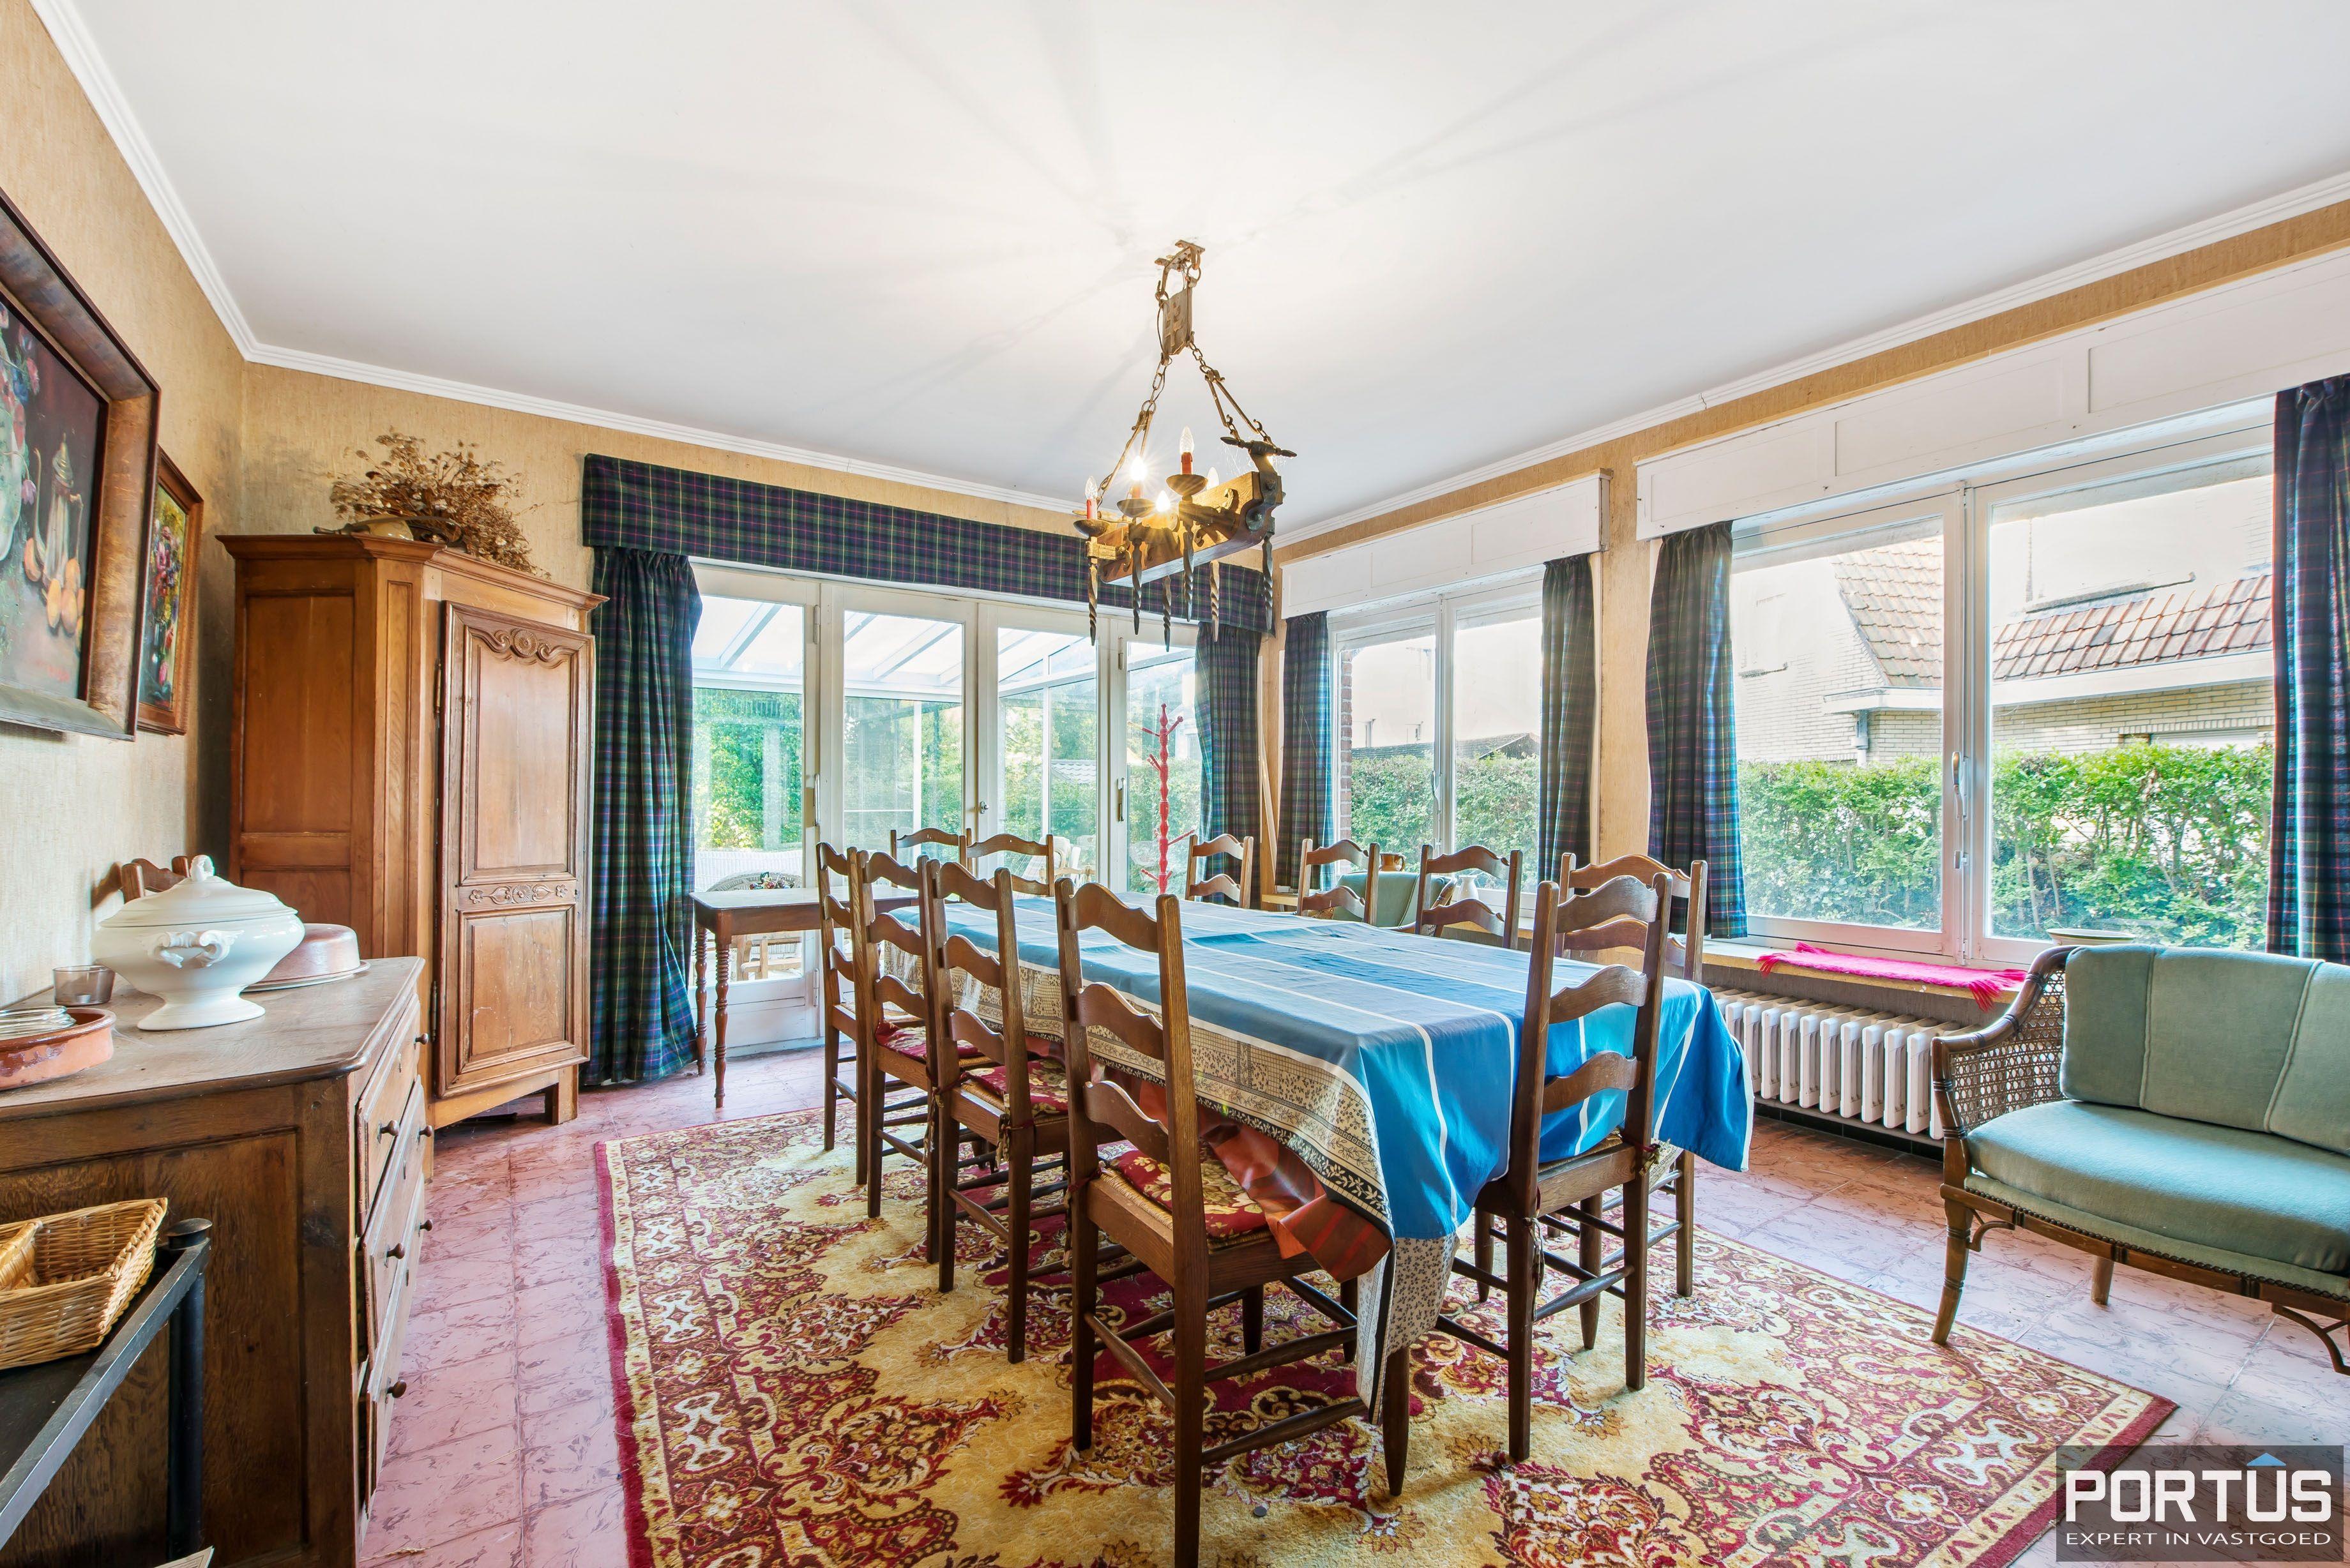 Te renoveren kustvilla te koop te Sint-Idesbald - 8803